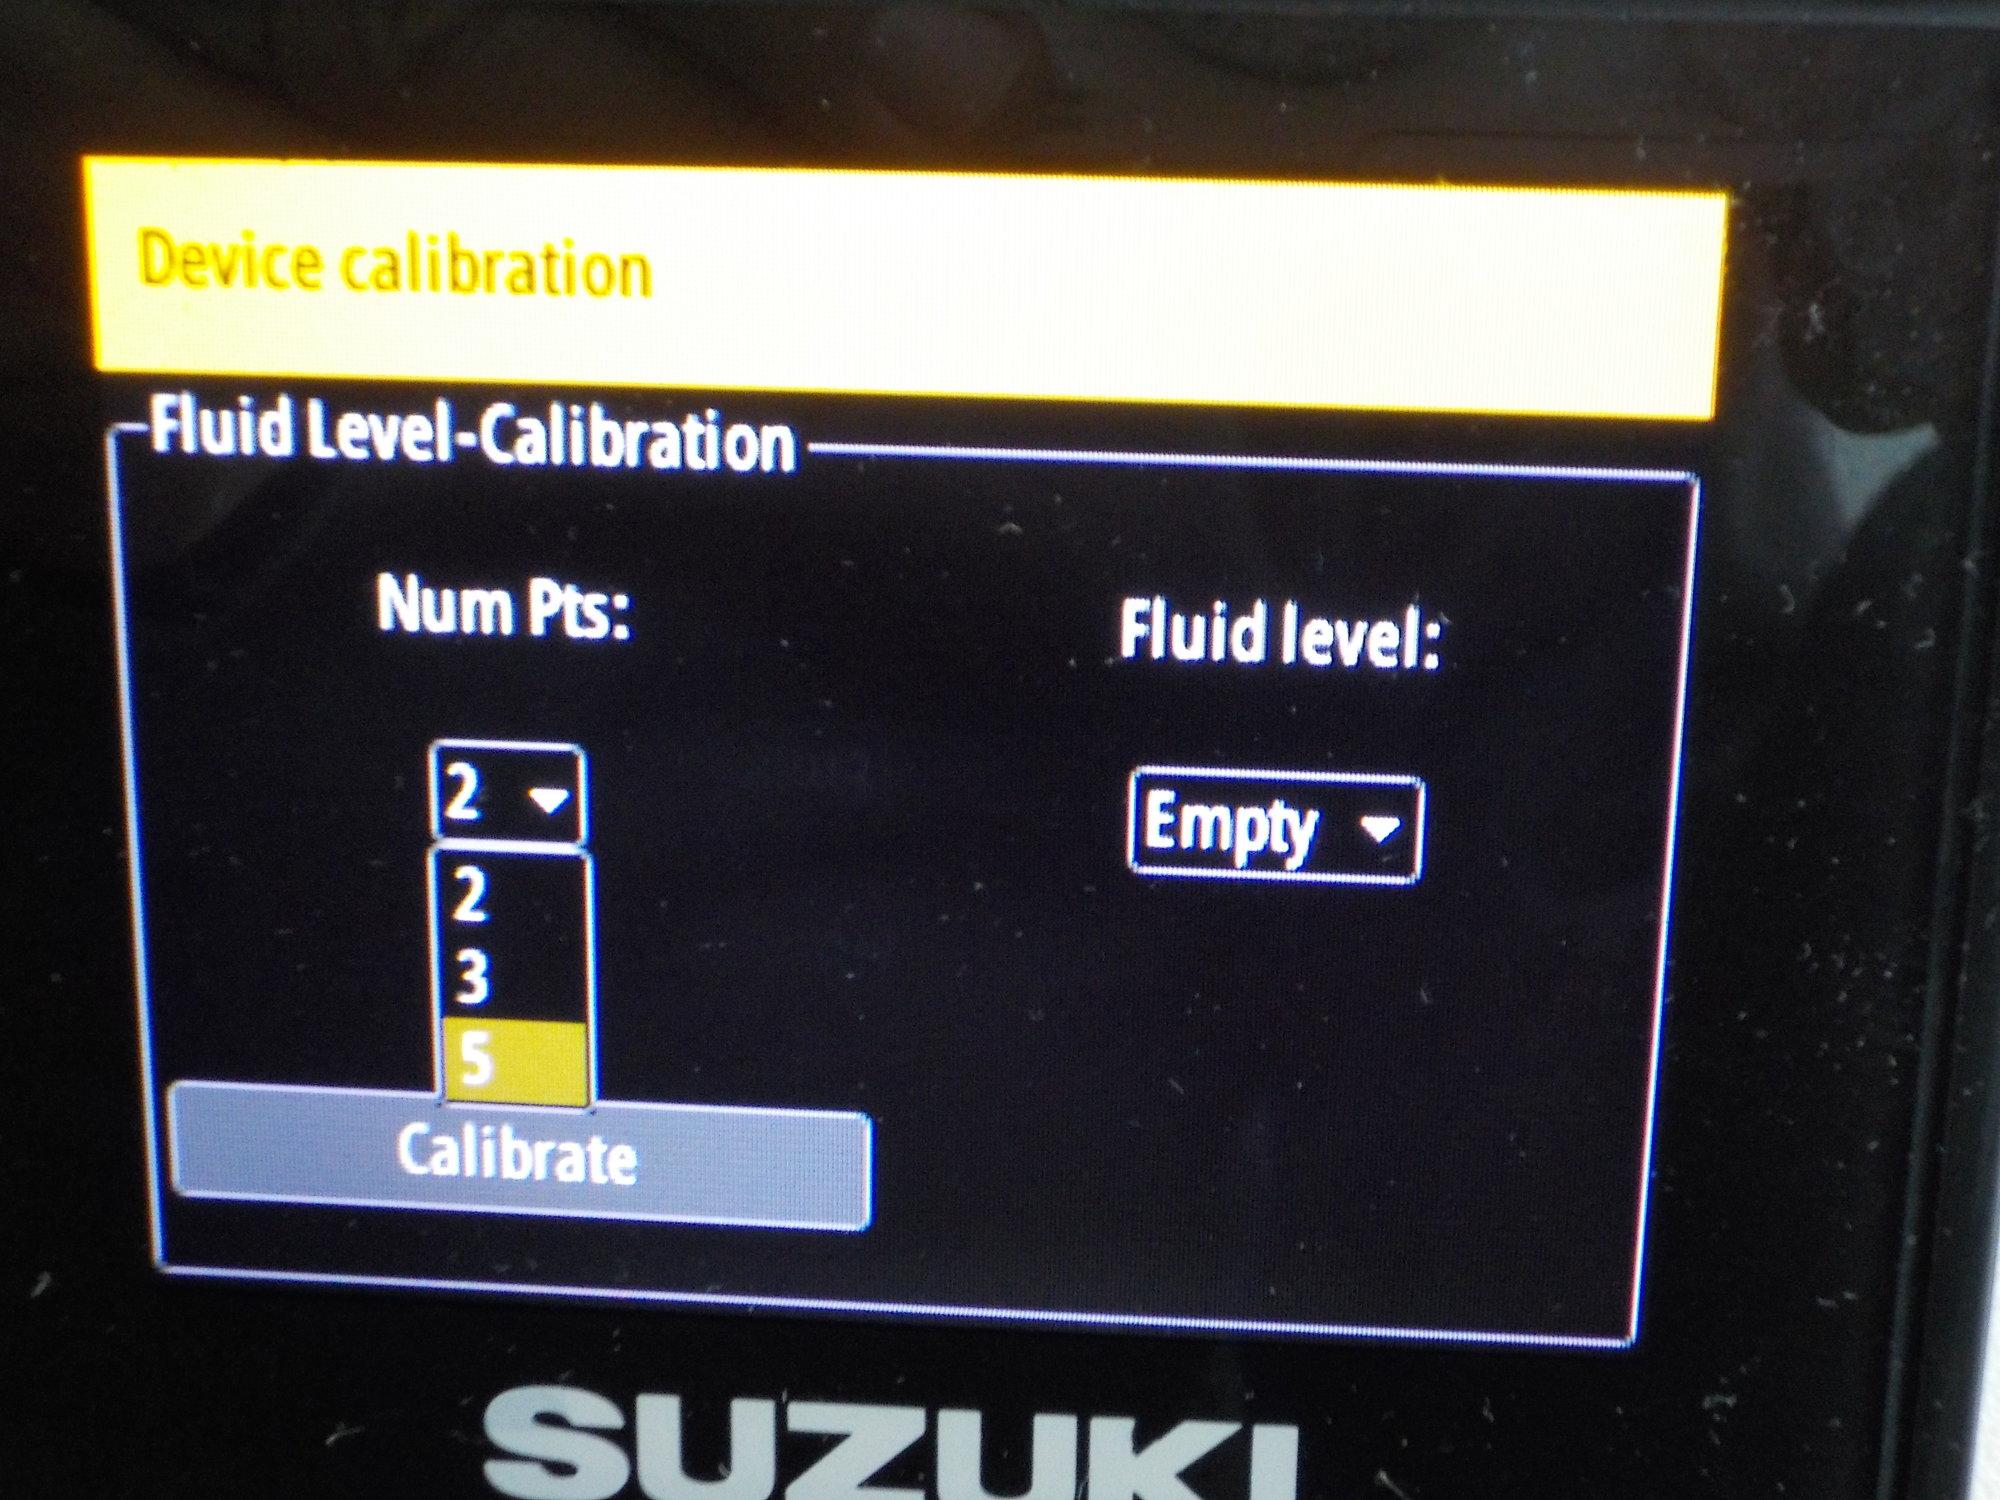 Suzuki C10 and Simrad fuel level calibration pictorial - The